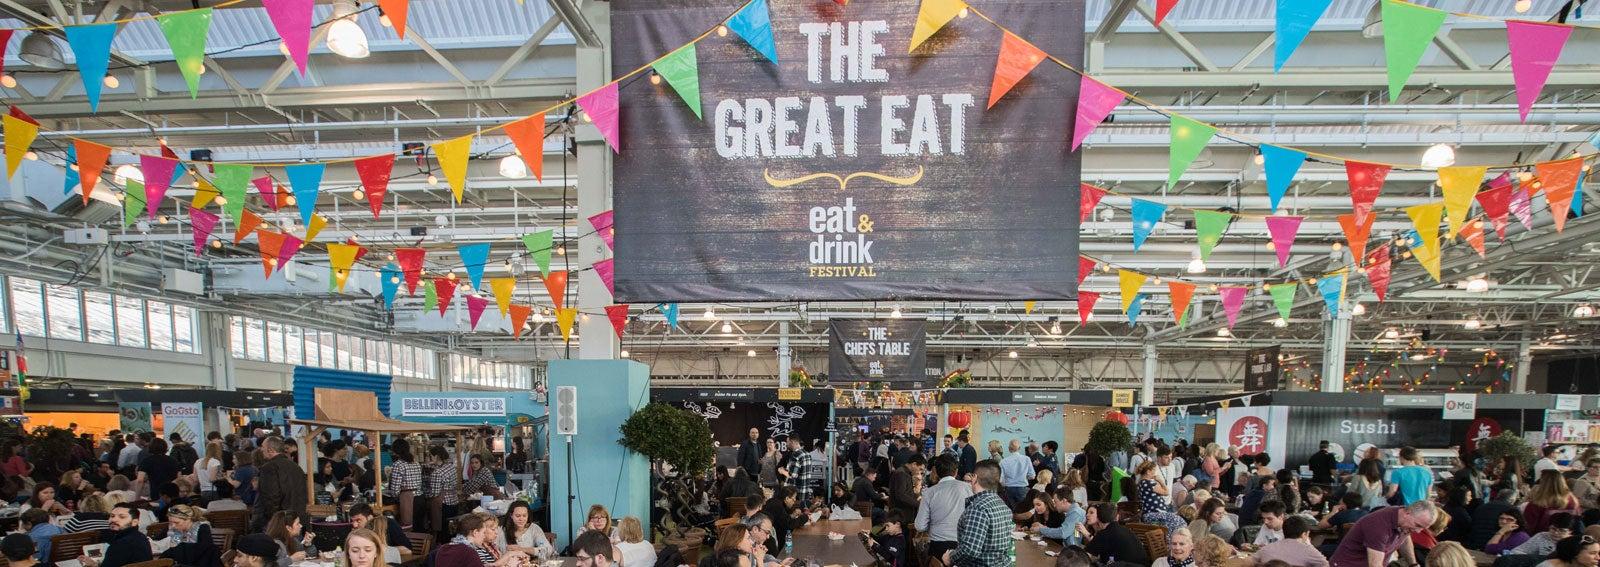 eat_drink_glasgow_1600x567.jpg